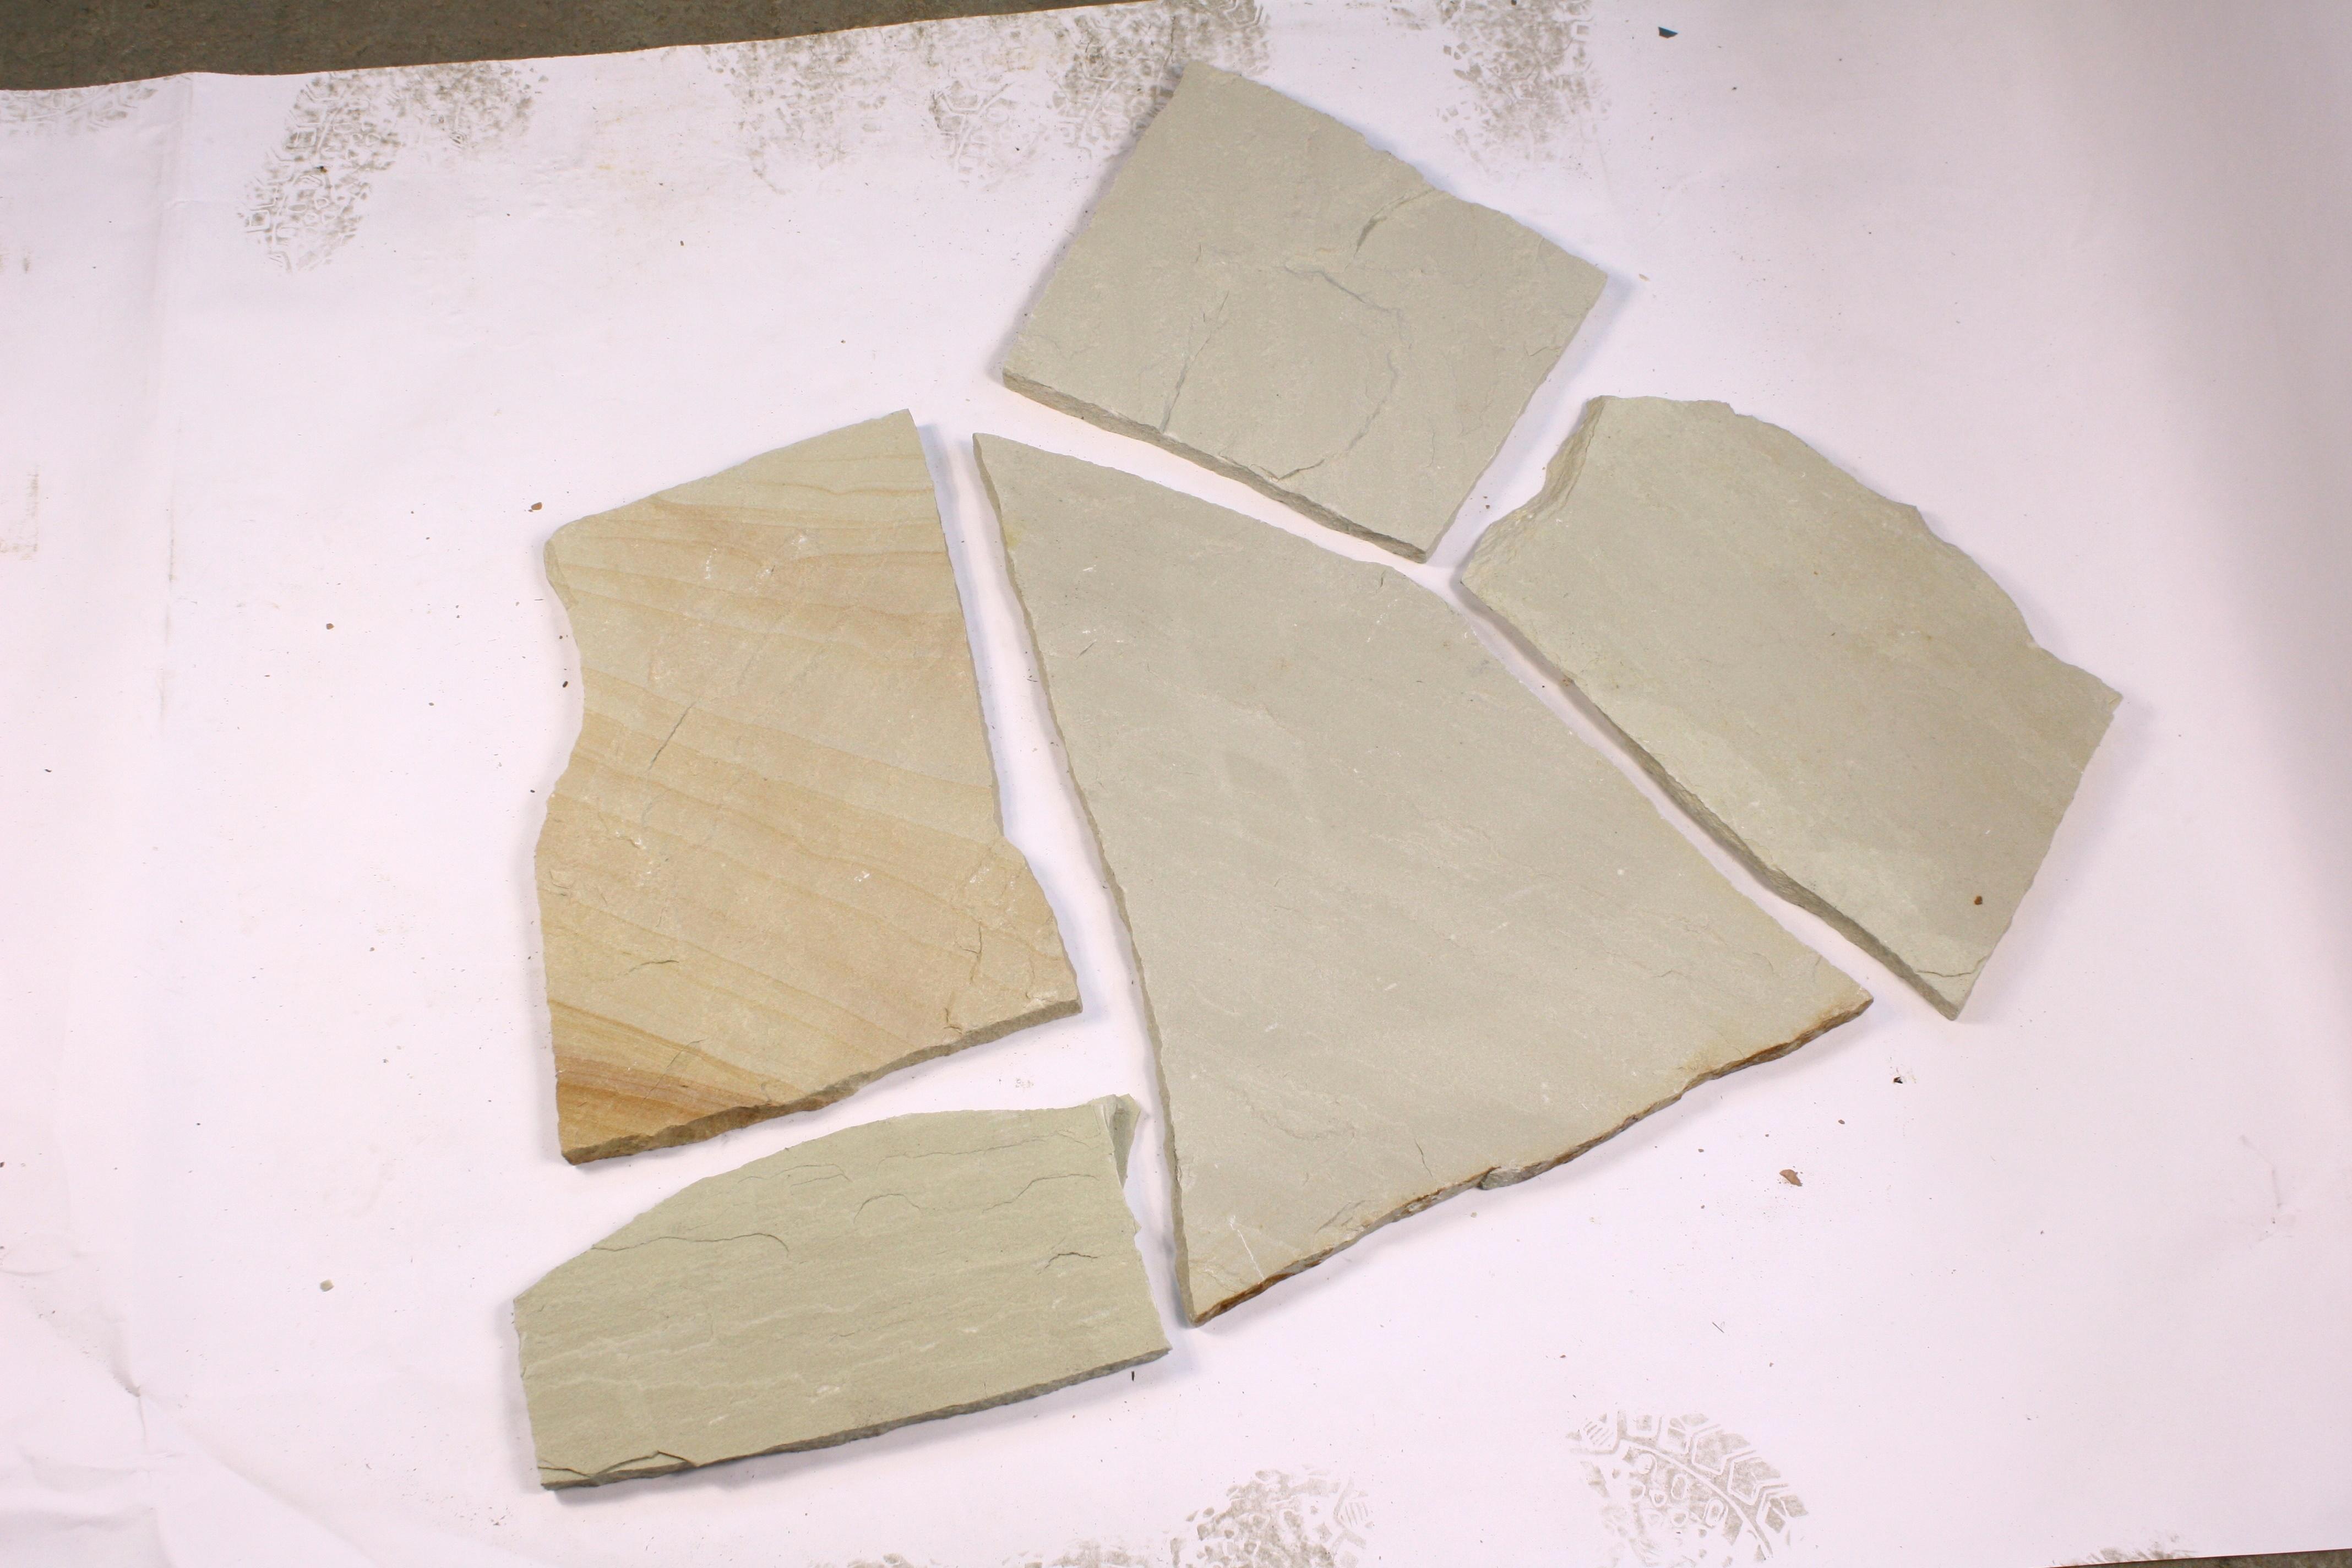 Günstig Sandstein Mint Polygonalplatten kaufen